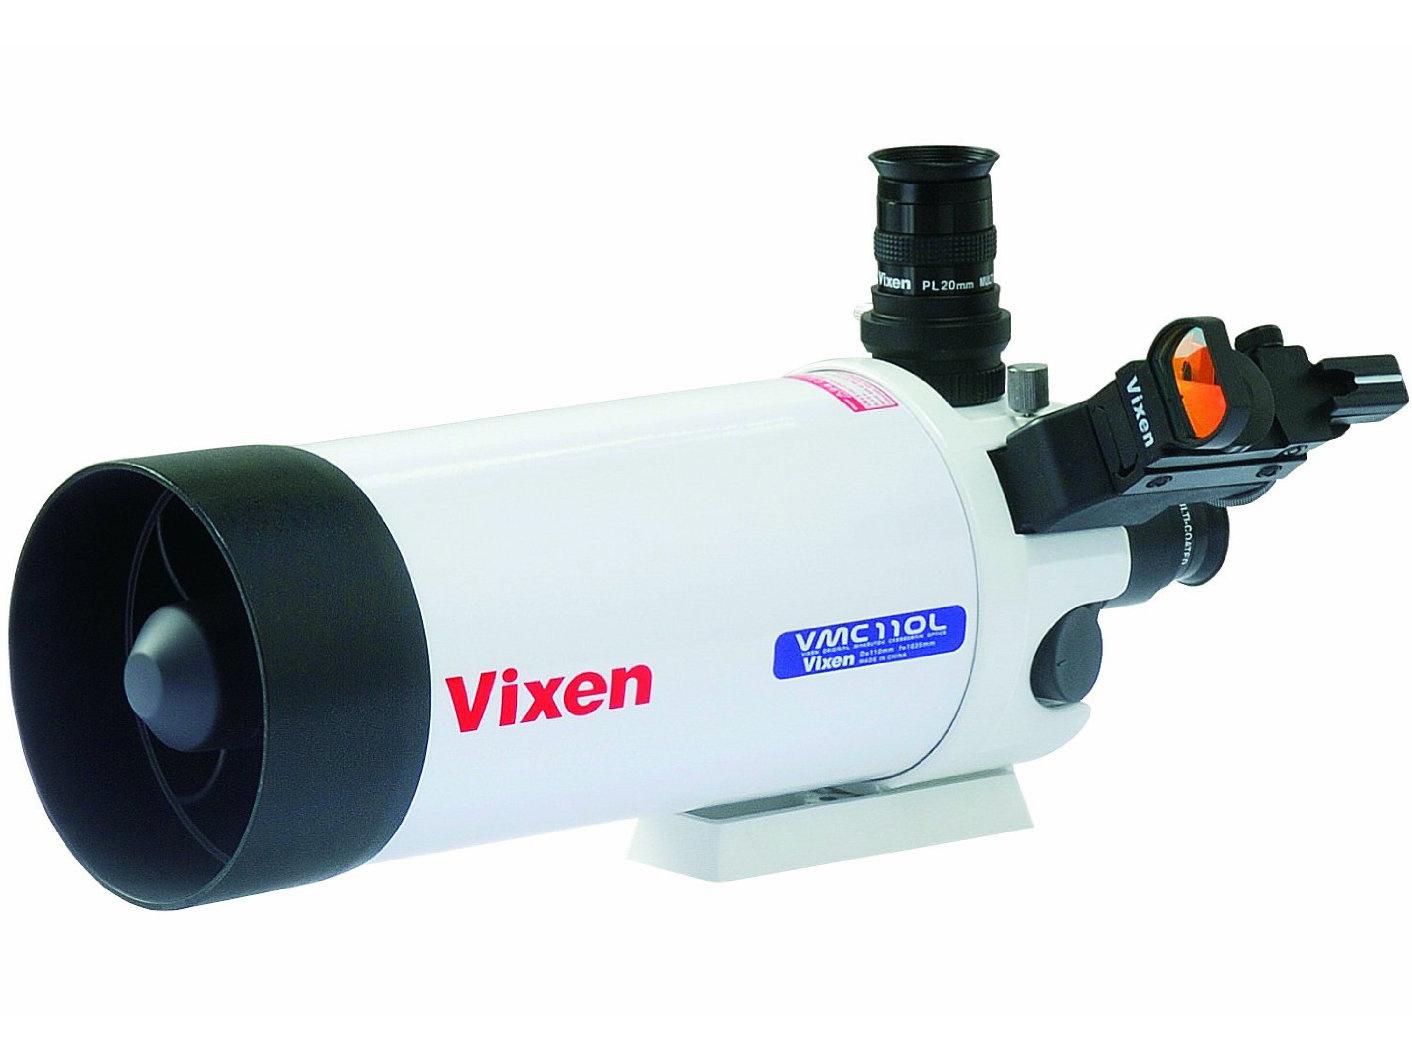 Vixen_VMC110L_1412x1059